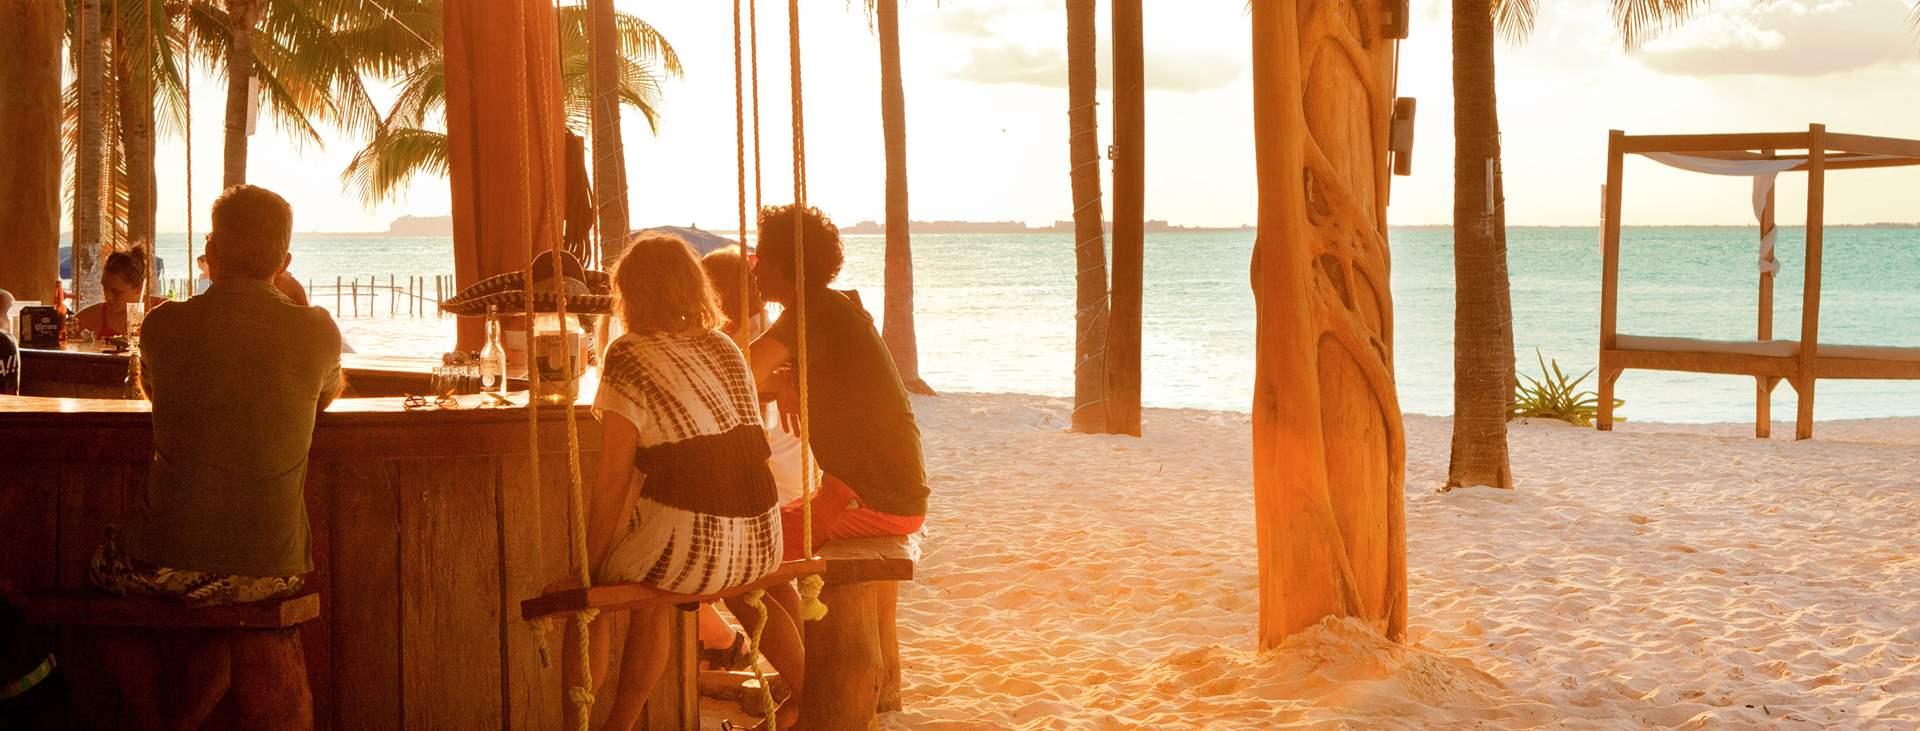 Drømmer du om Karibia – bestill en reise med Ving